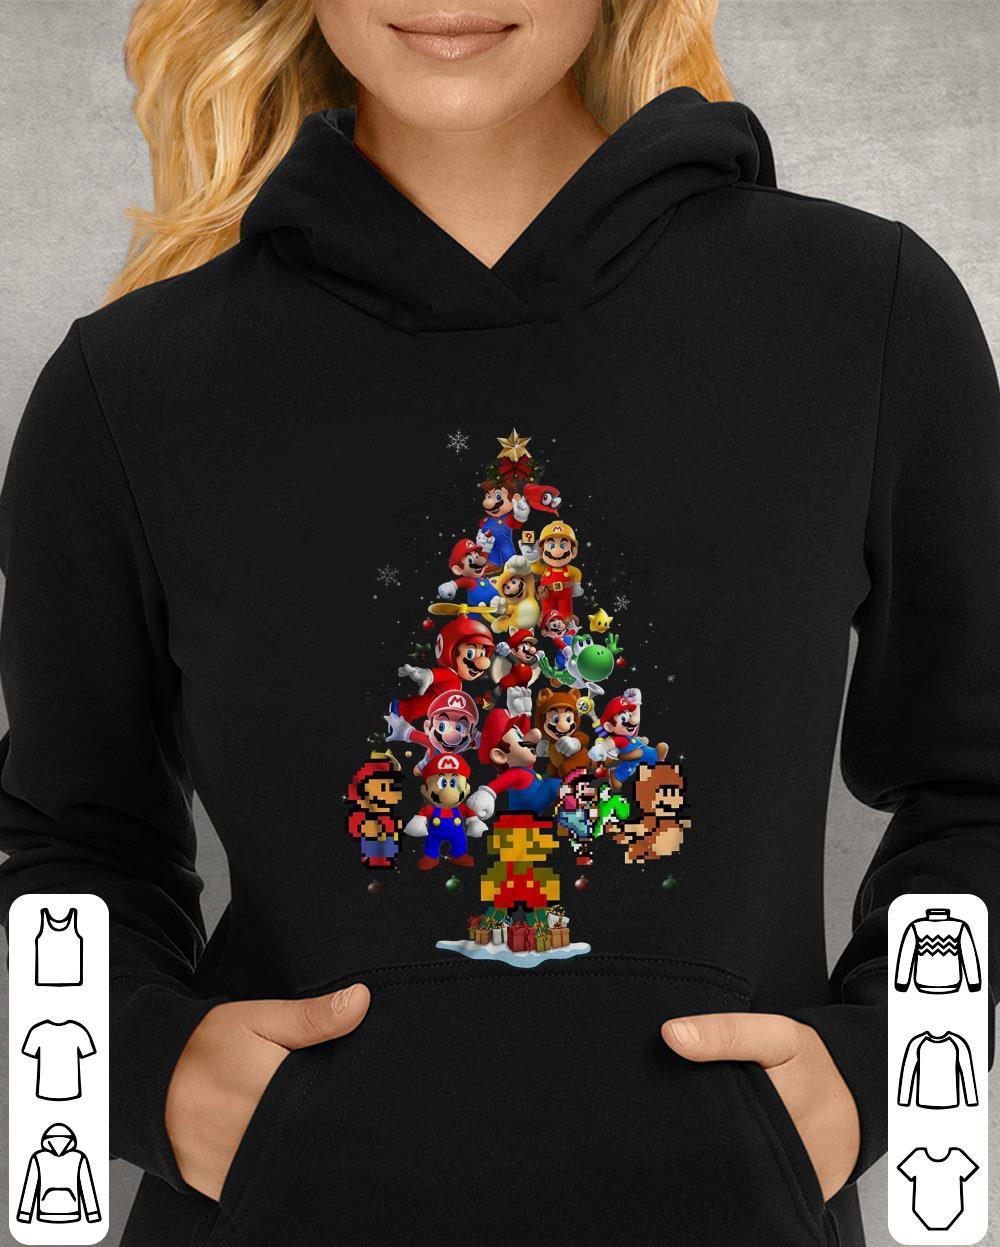 https://unicornshirts.net/images/2018/12/Super-Mario-Christmas-Tree-shirt_4.jpg